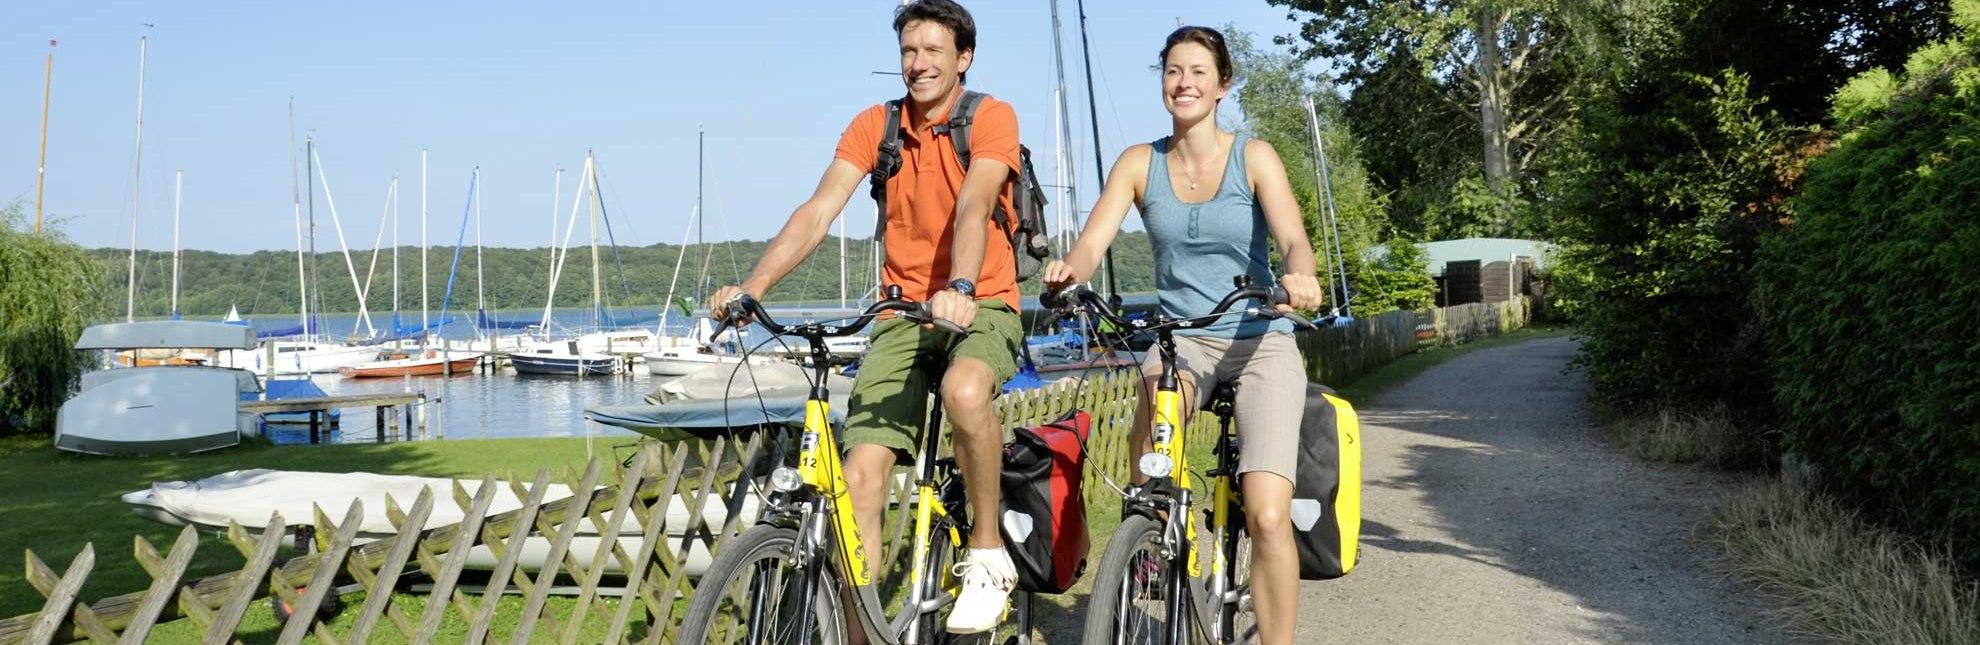 Unterwegs auf der Seenradtour, © photocompany/ HLMS